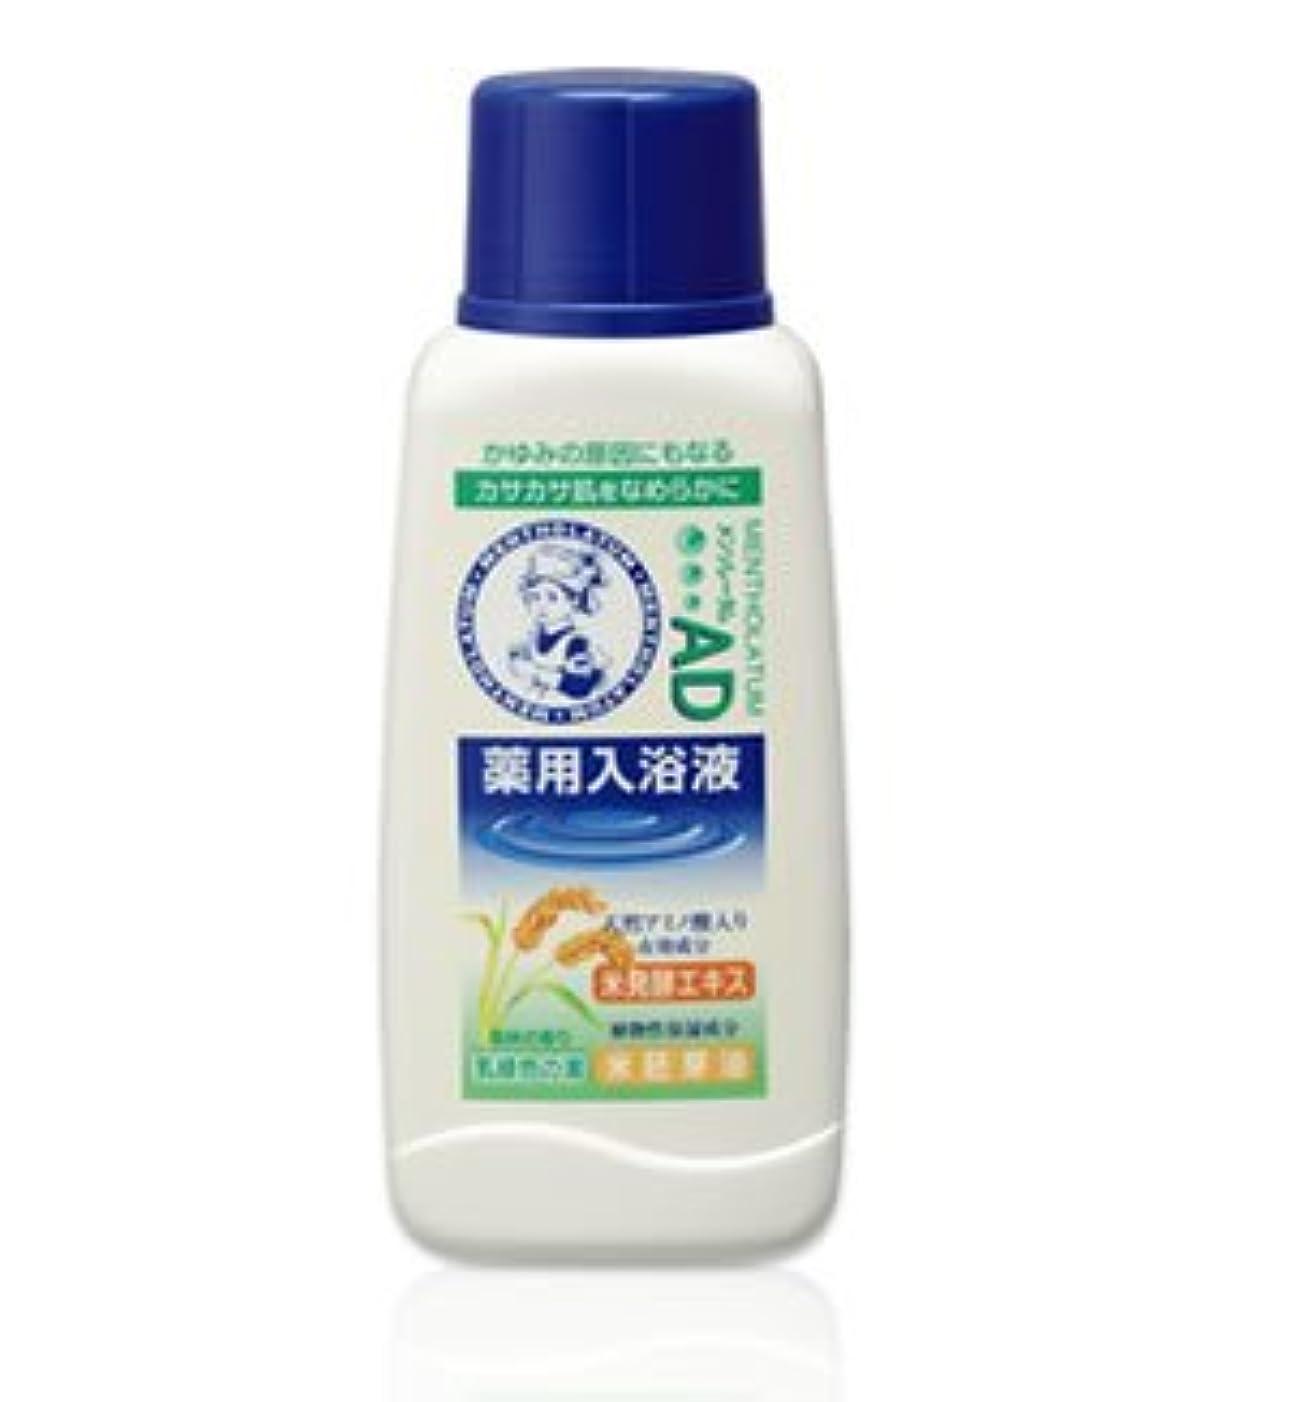 非常に怒っています競う運営(ロート)メンソレータム AD薬用入浴剤 森林の香り720ml(医薬部外品)